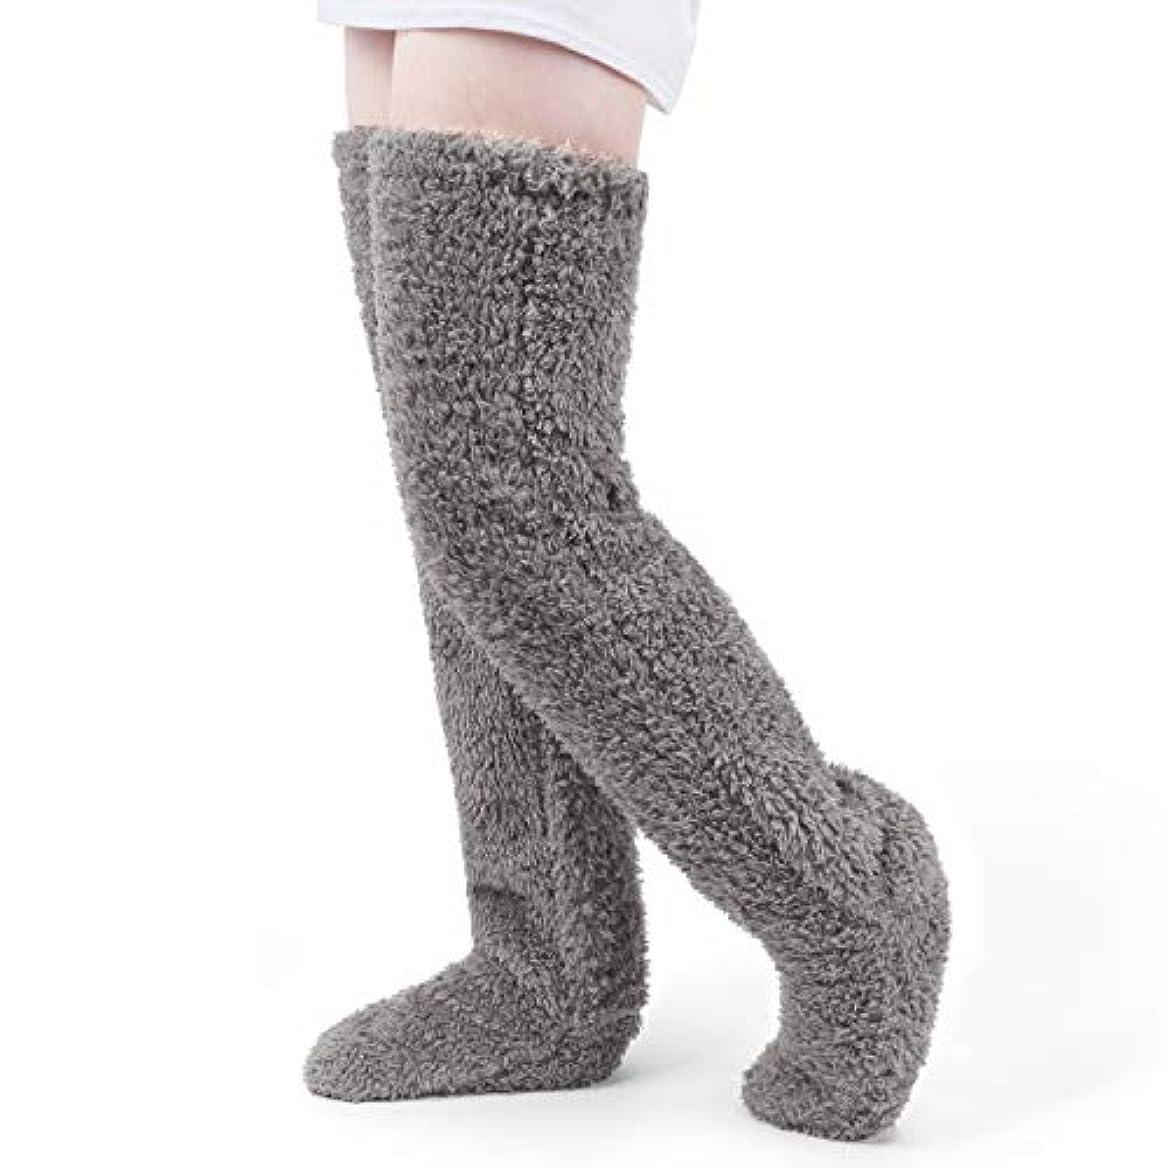 スカイ自体ずんぐりした極暖 足が出せるロングカバー HIMETSUYA ルームシューズ ルームソックス あったかグッズ ロングカバー 冷え性 靴下 ソックス 足の大きさ23~26.5cmまで (グレー)